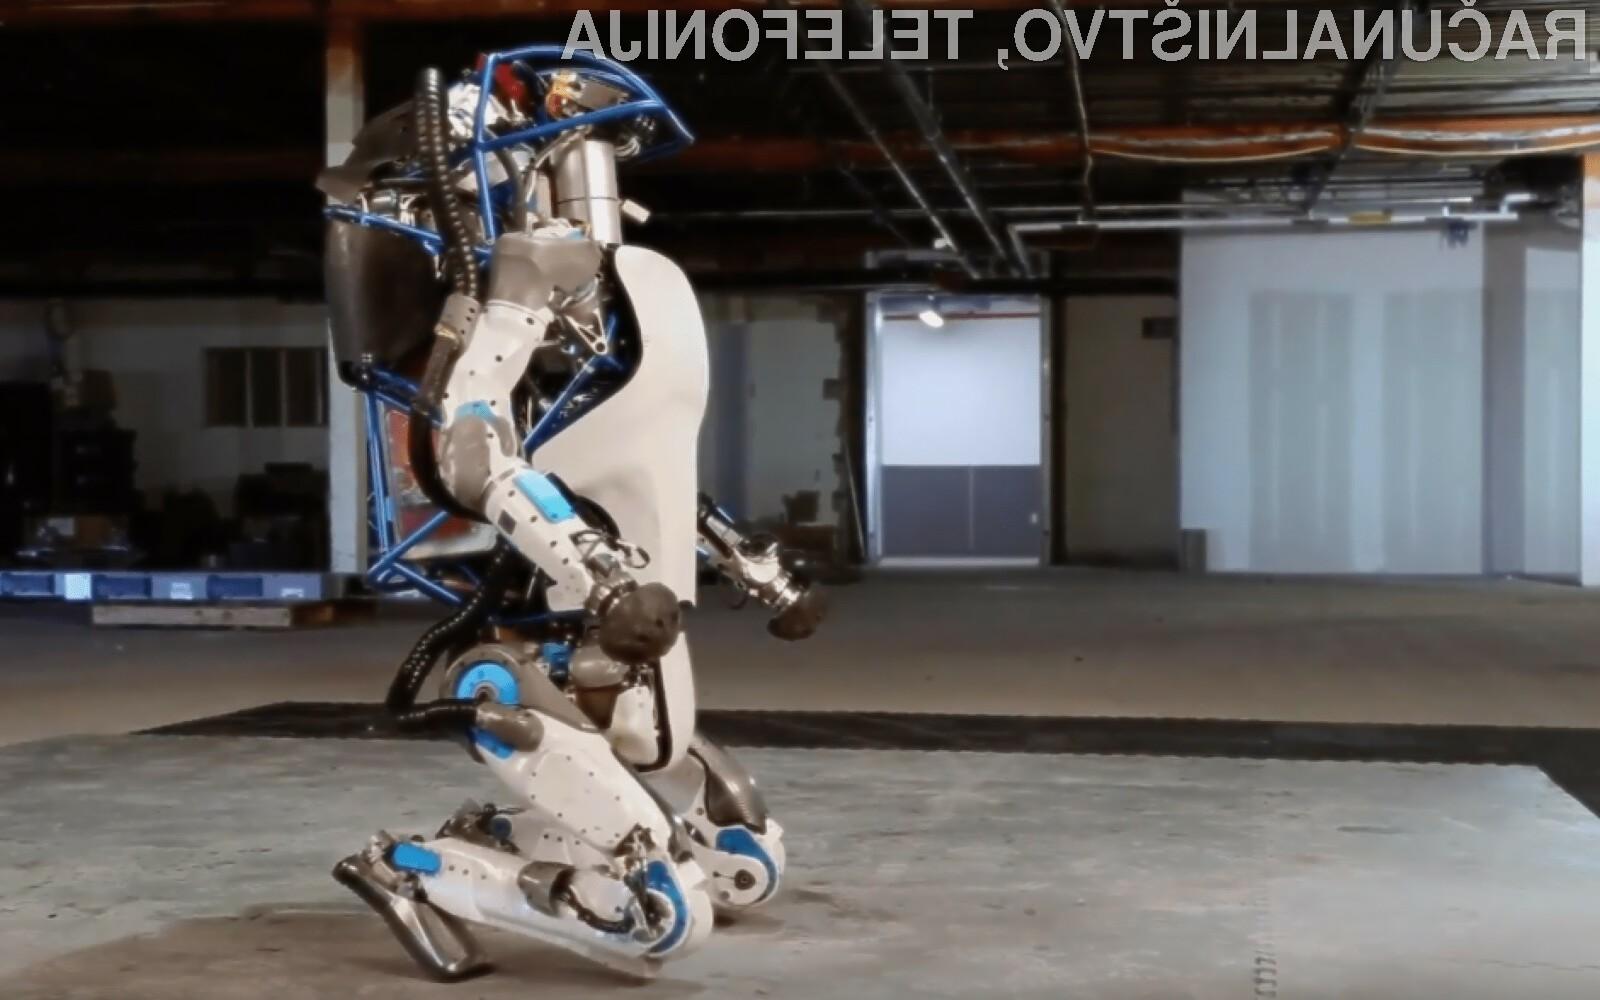 Impresivno in zastrašujoče: Zmožnosti tega robota so neverjetne!